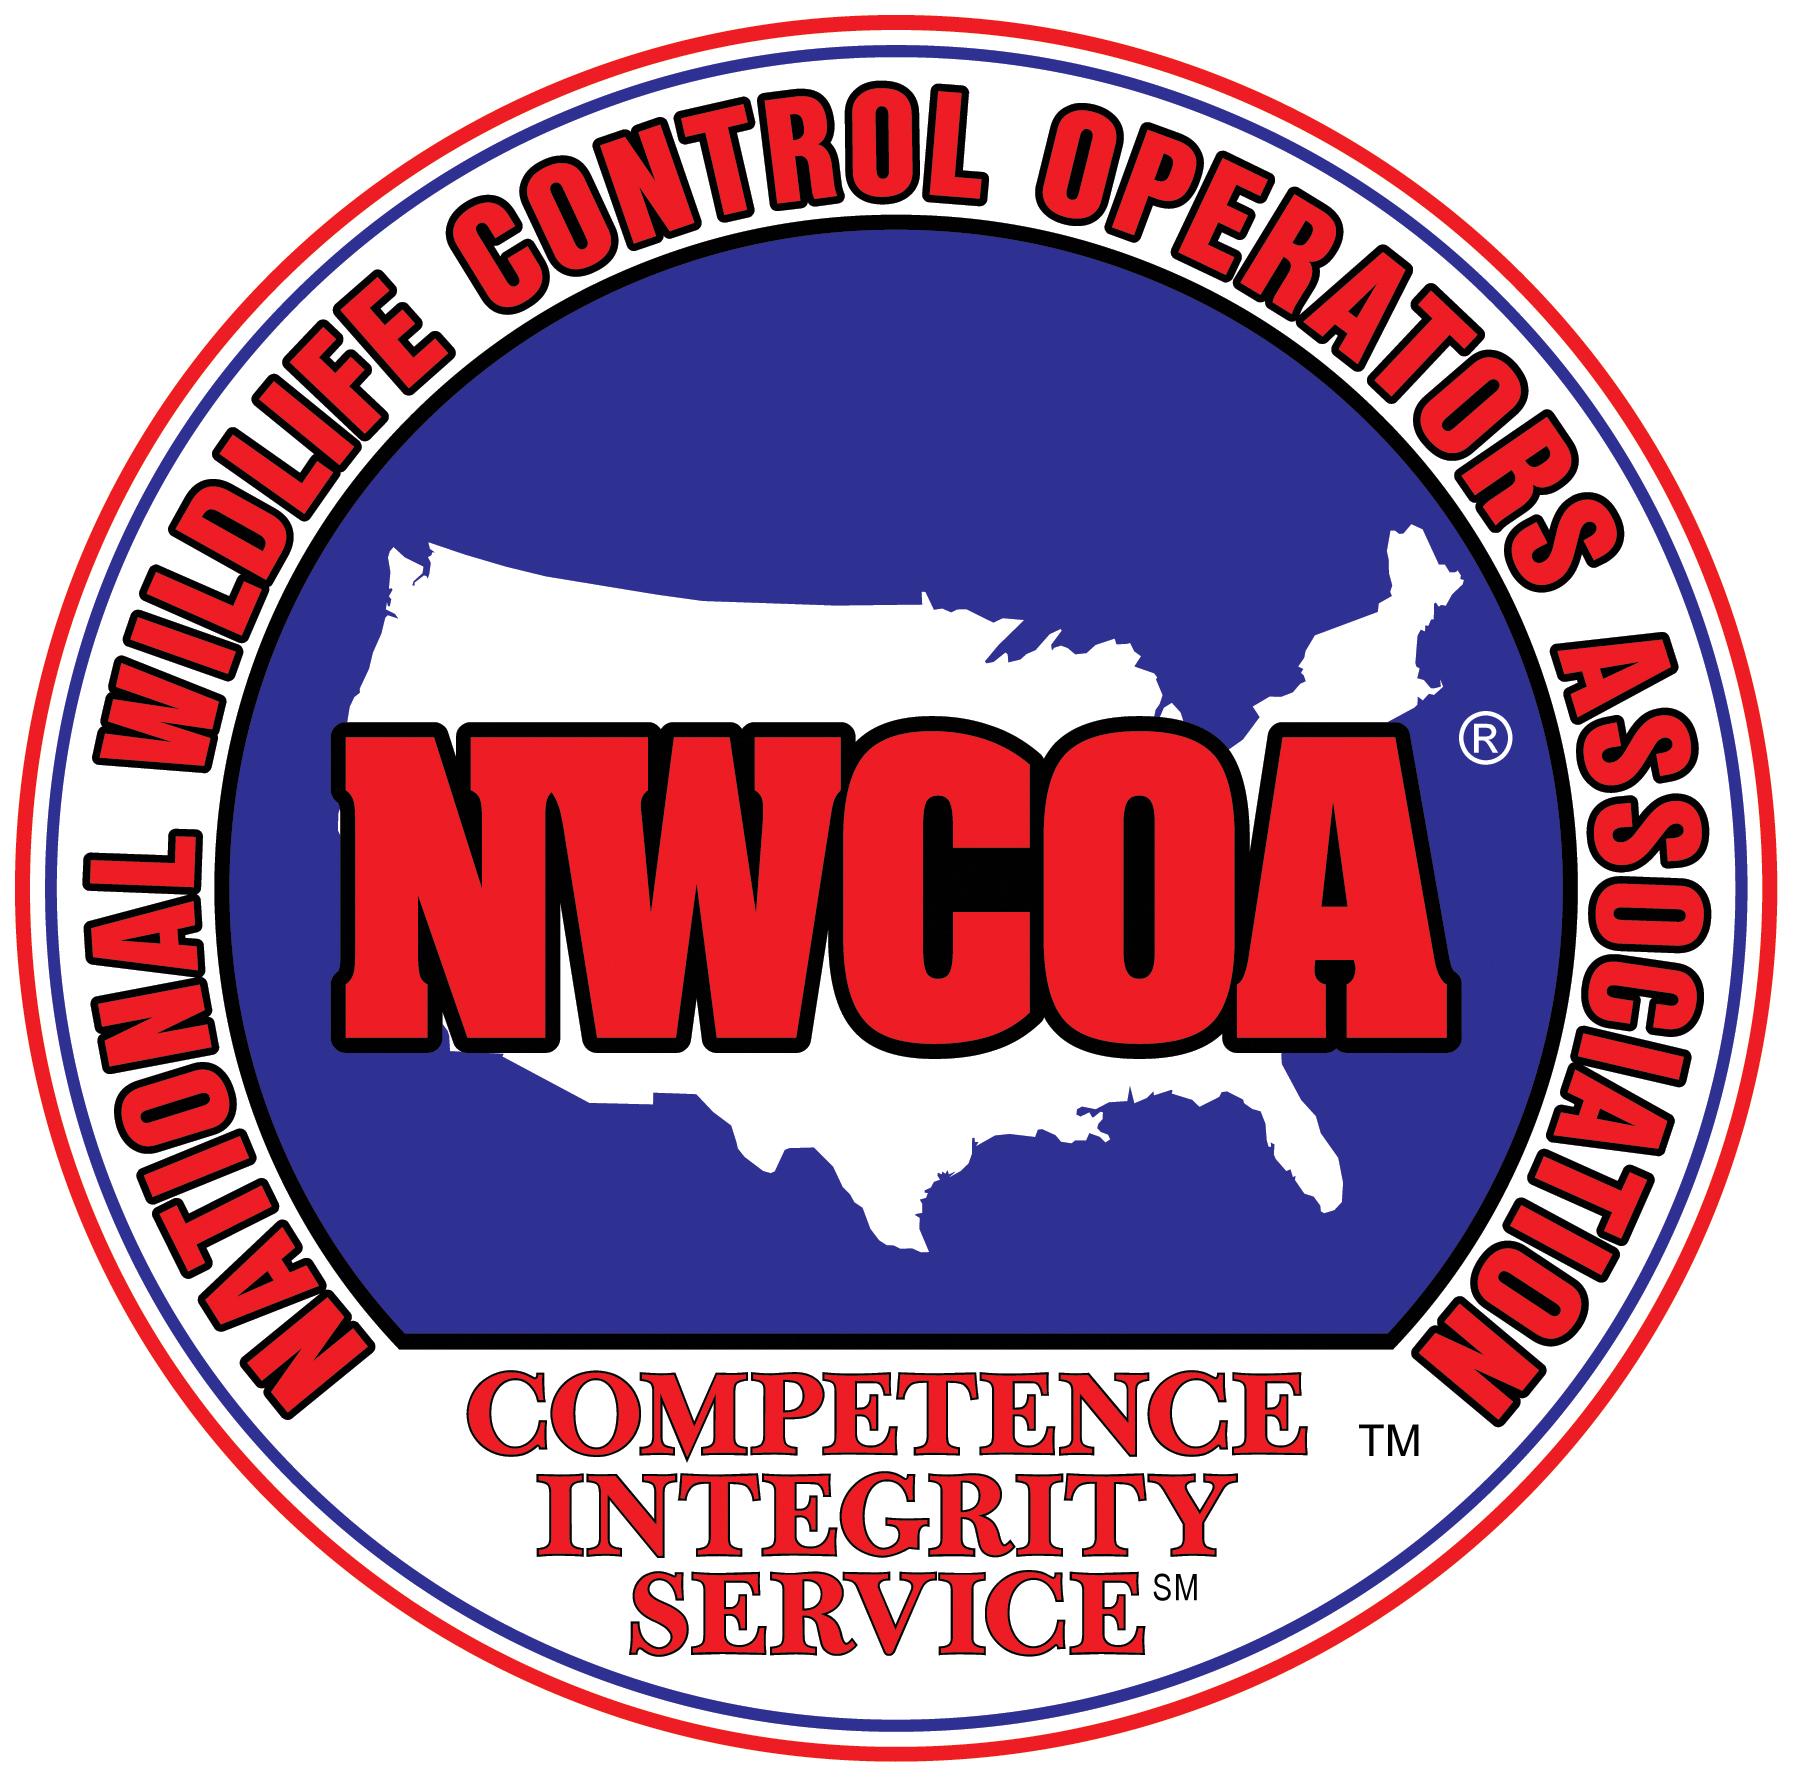 2012 NWCOA Logo 300dpi.jpg